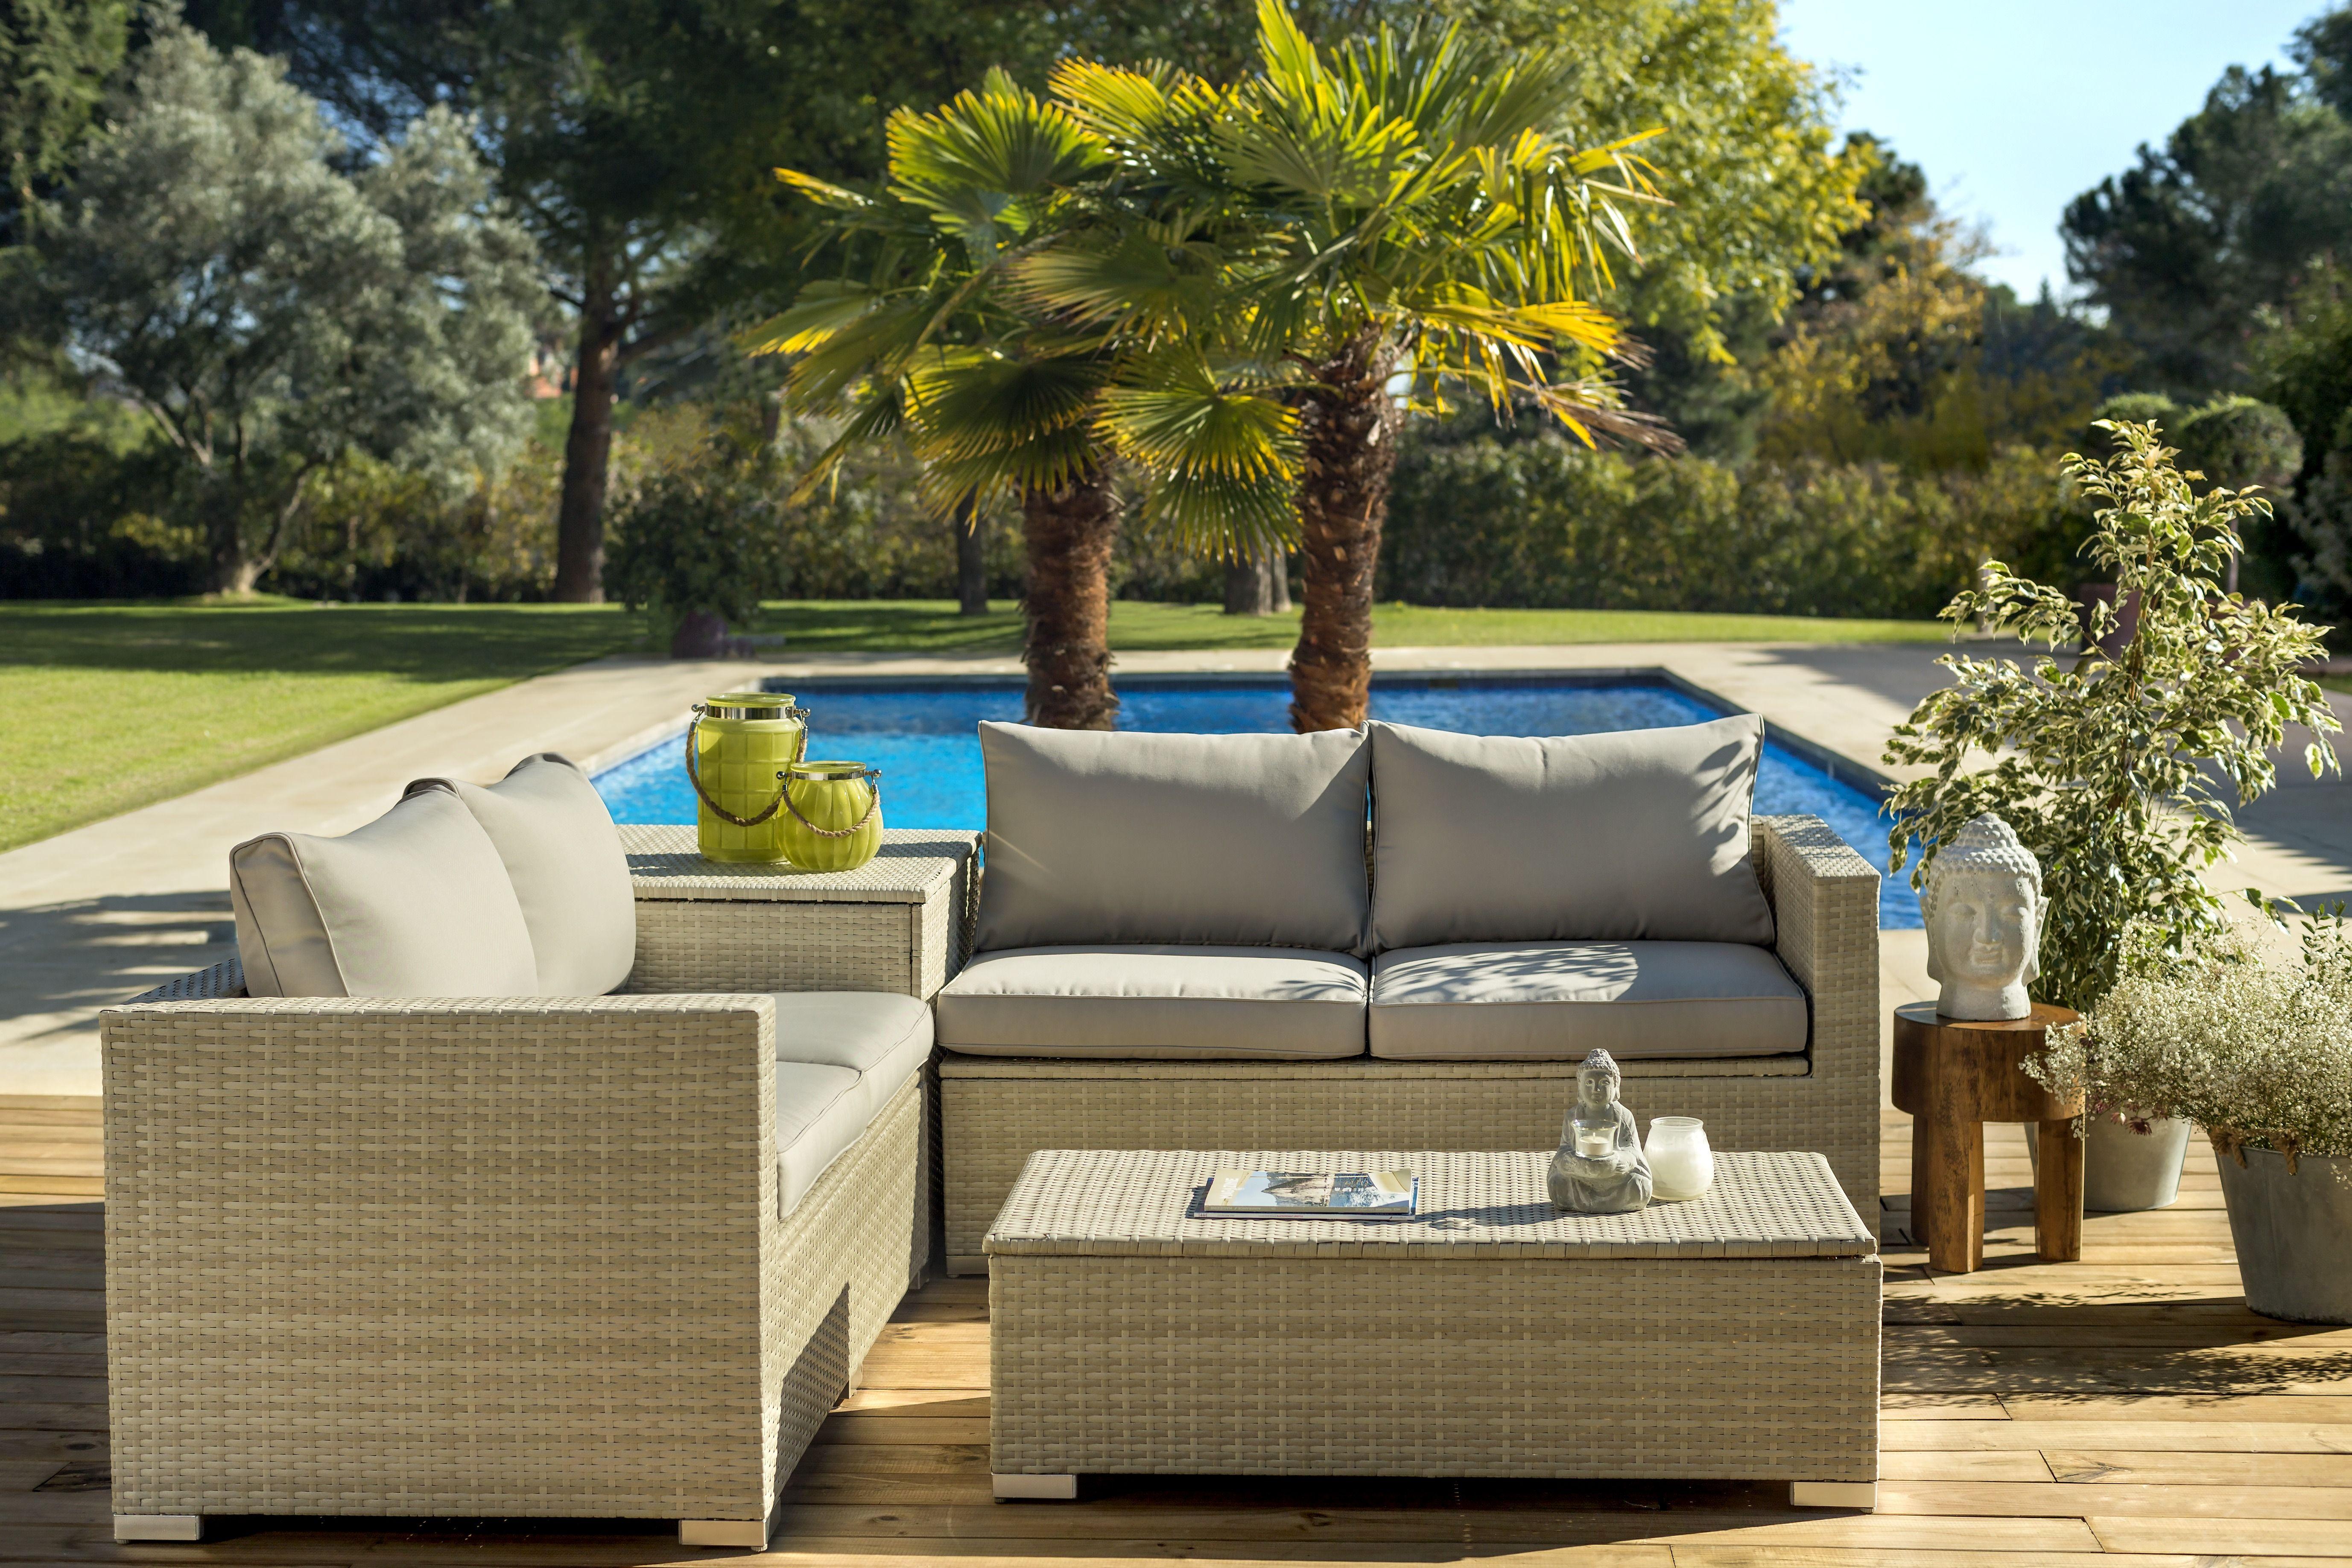 AKI+Bricolaje,+jardinería+y+decoración.+ Mueble+de+jardín+BAULES+ ...